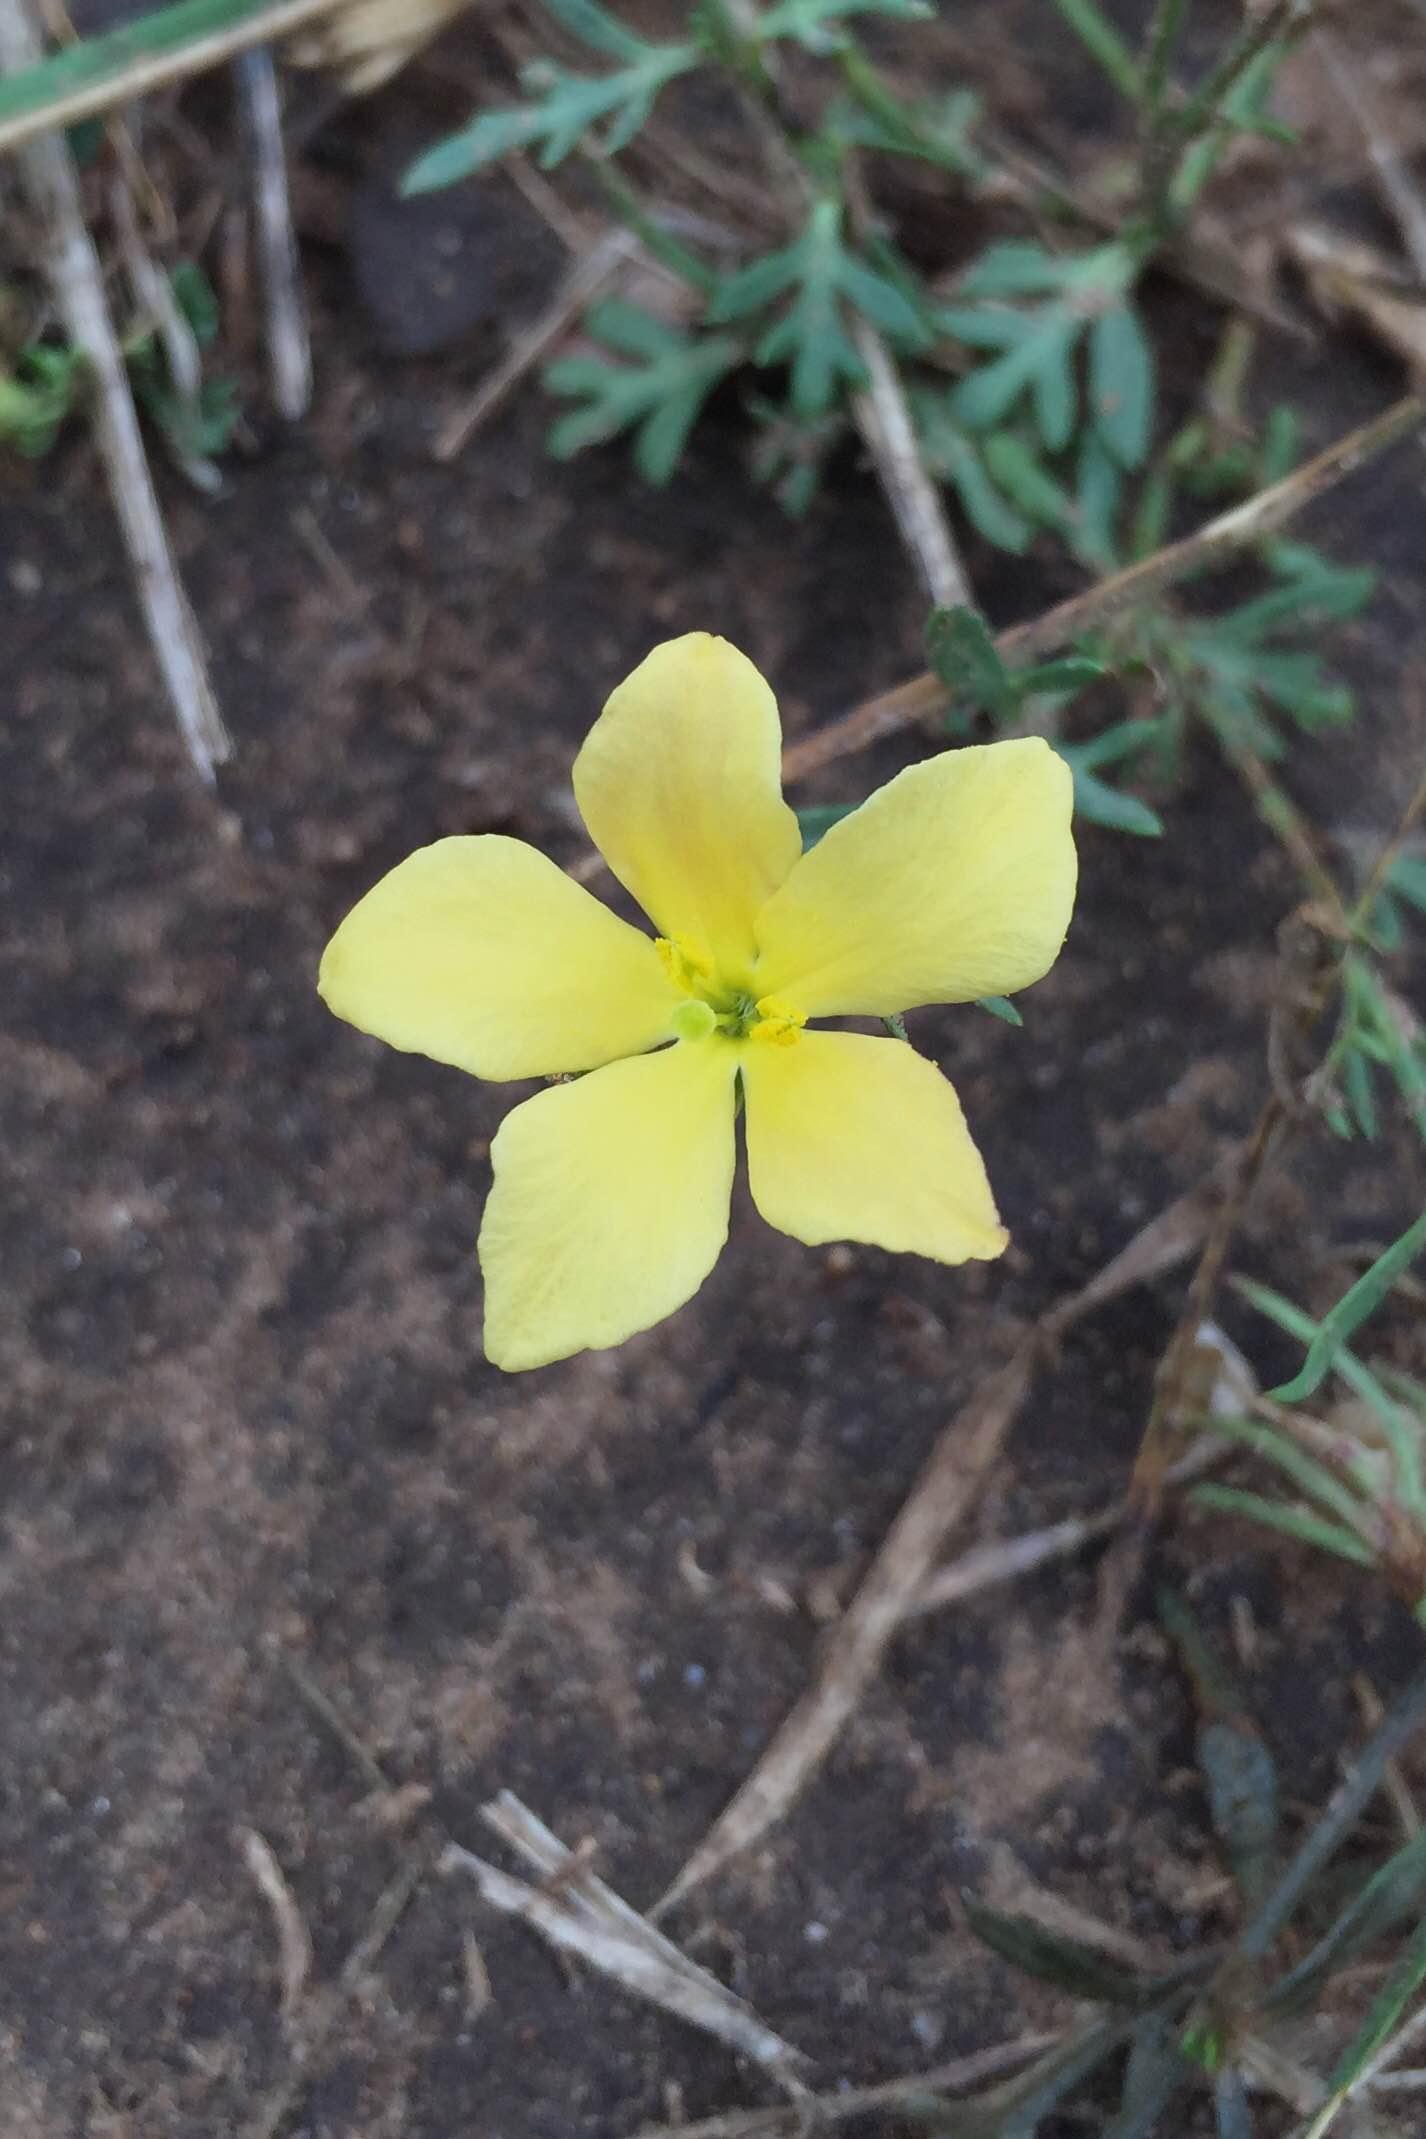 Menodora heterophylla, Redbud